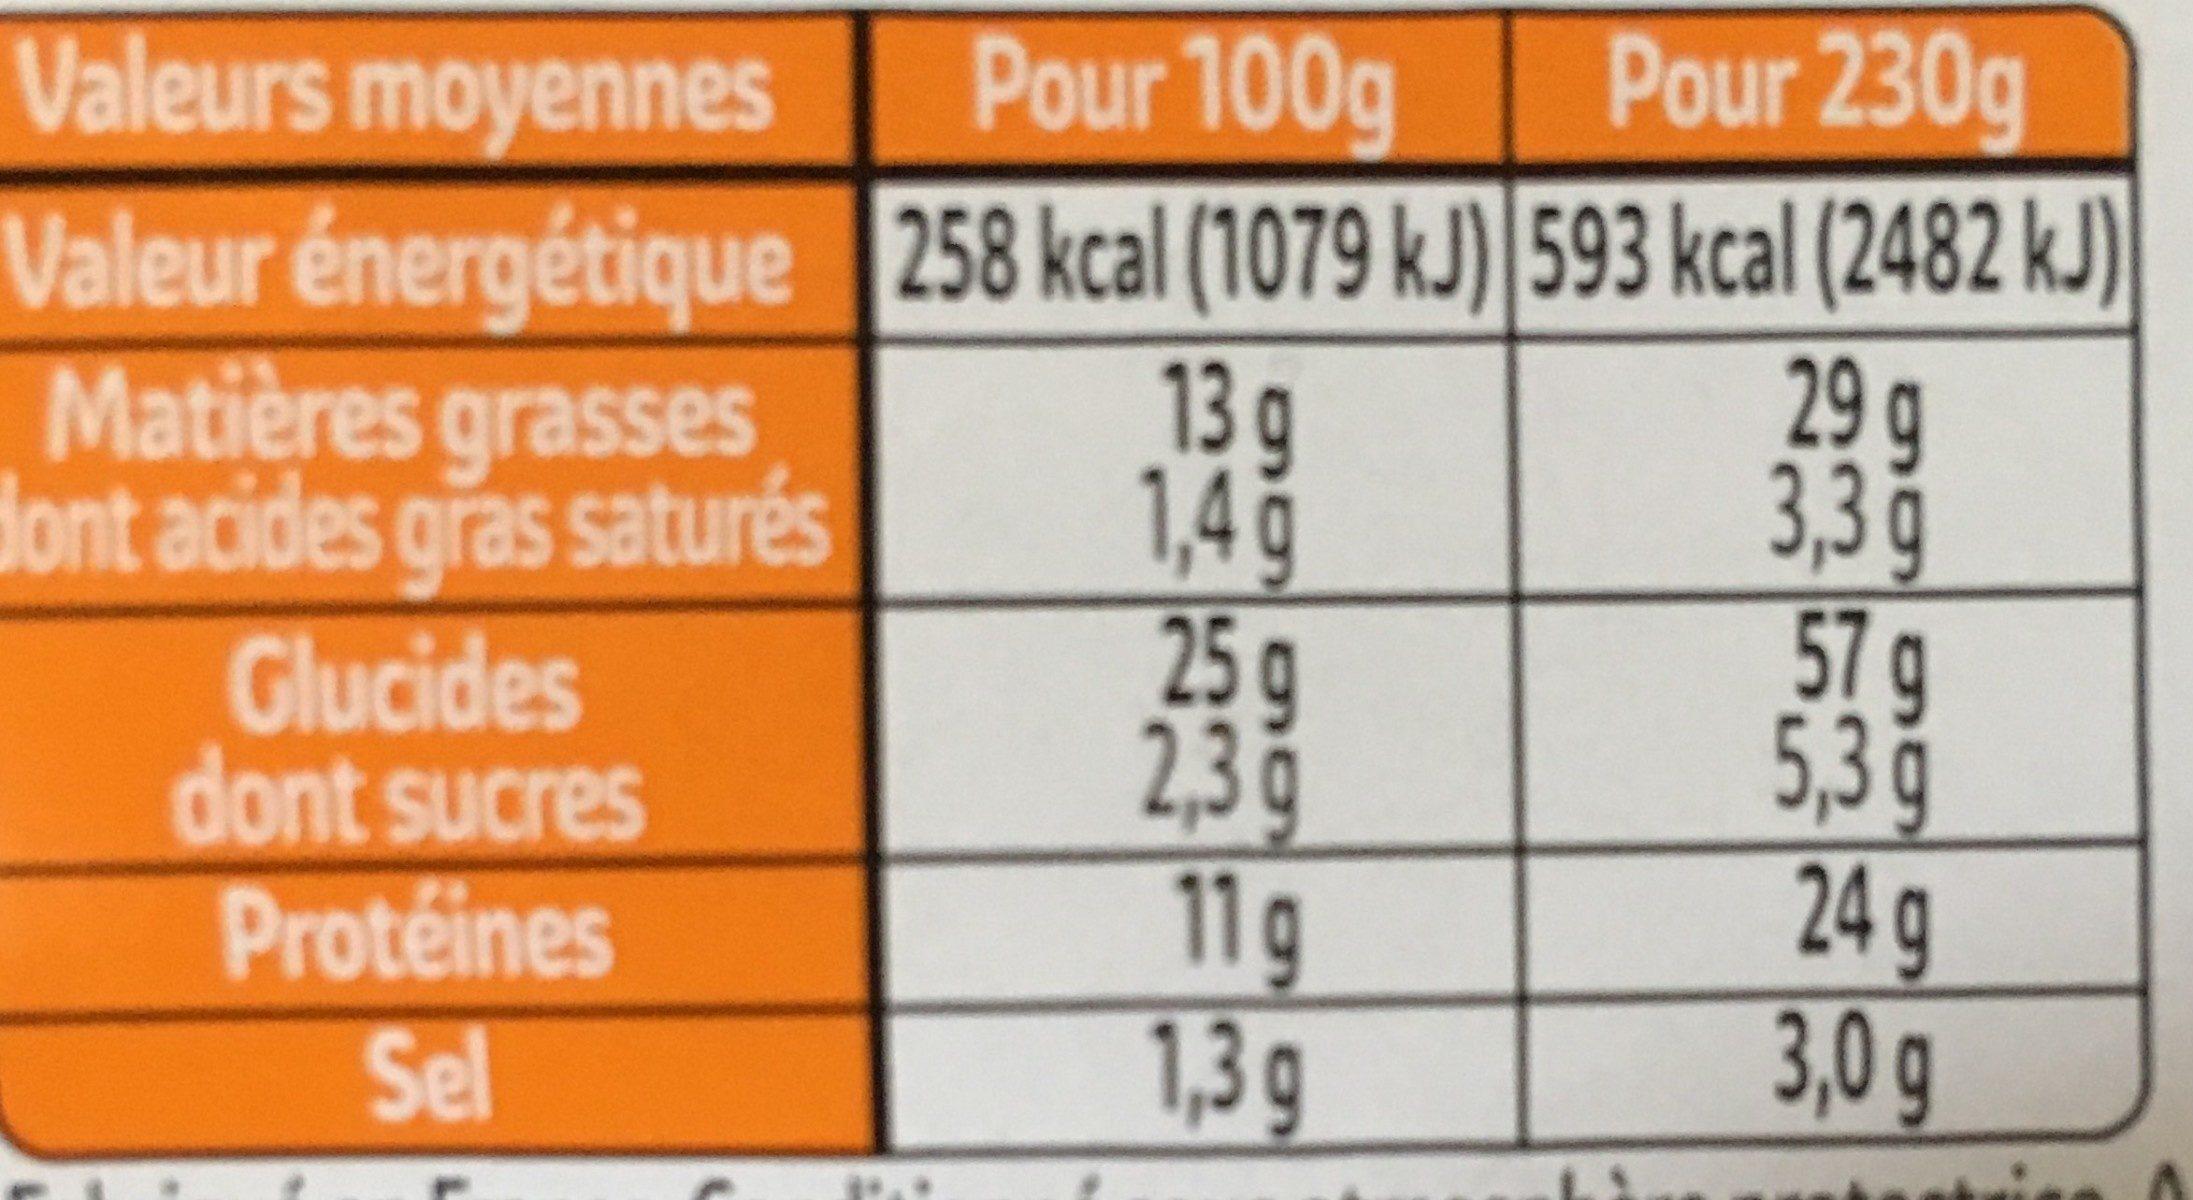 XXL poulet rôti et mayonnaise (3 parts) - Voedingswaarden